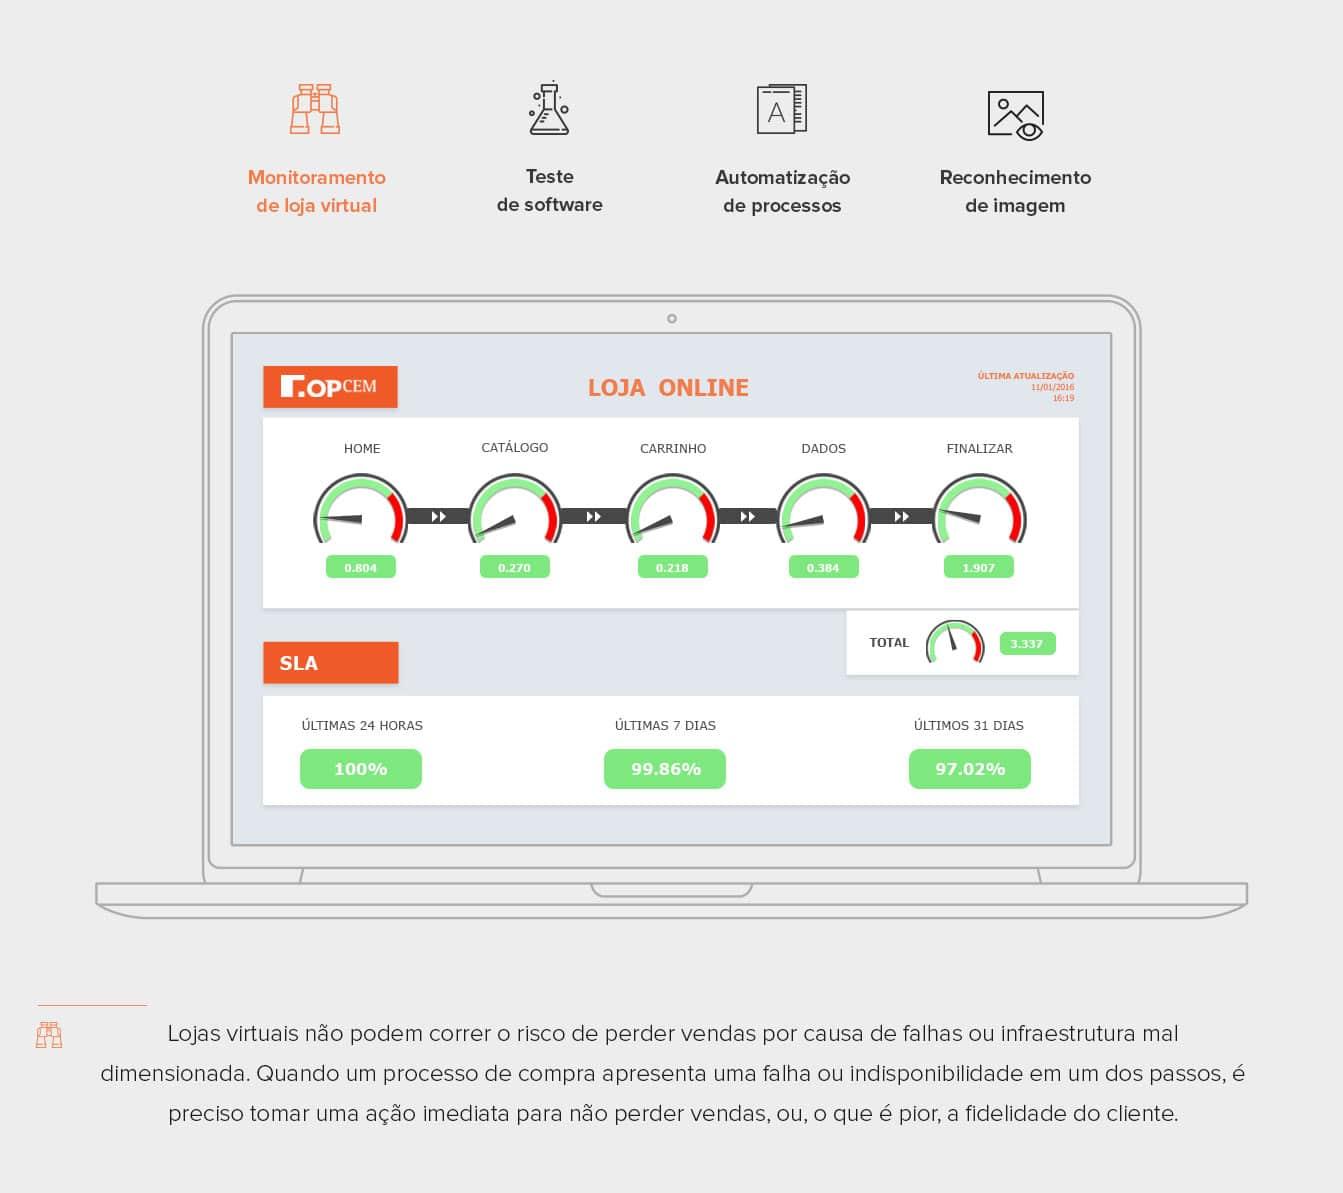 OpCEM - Monitoramento da Experiência do Usuário